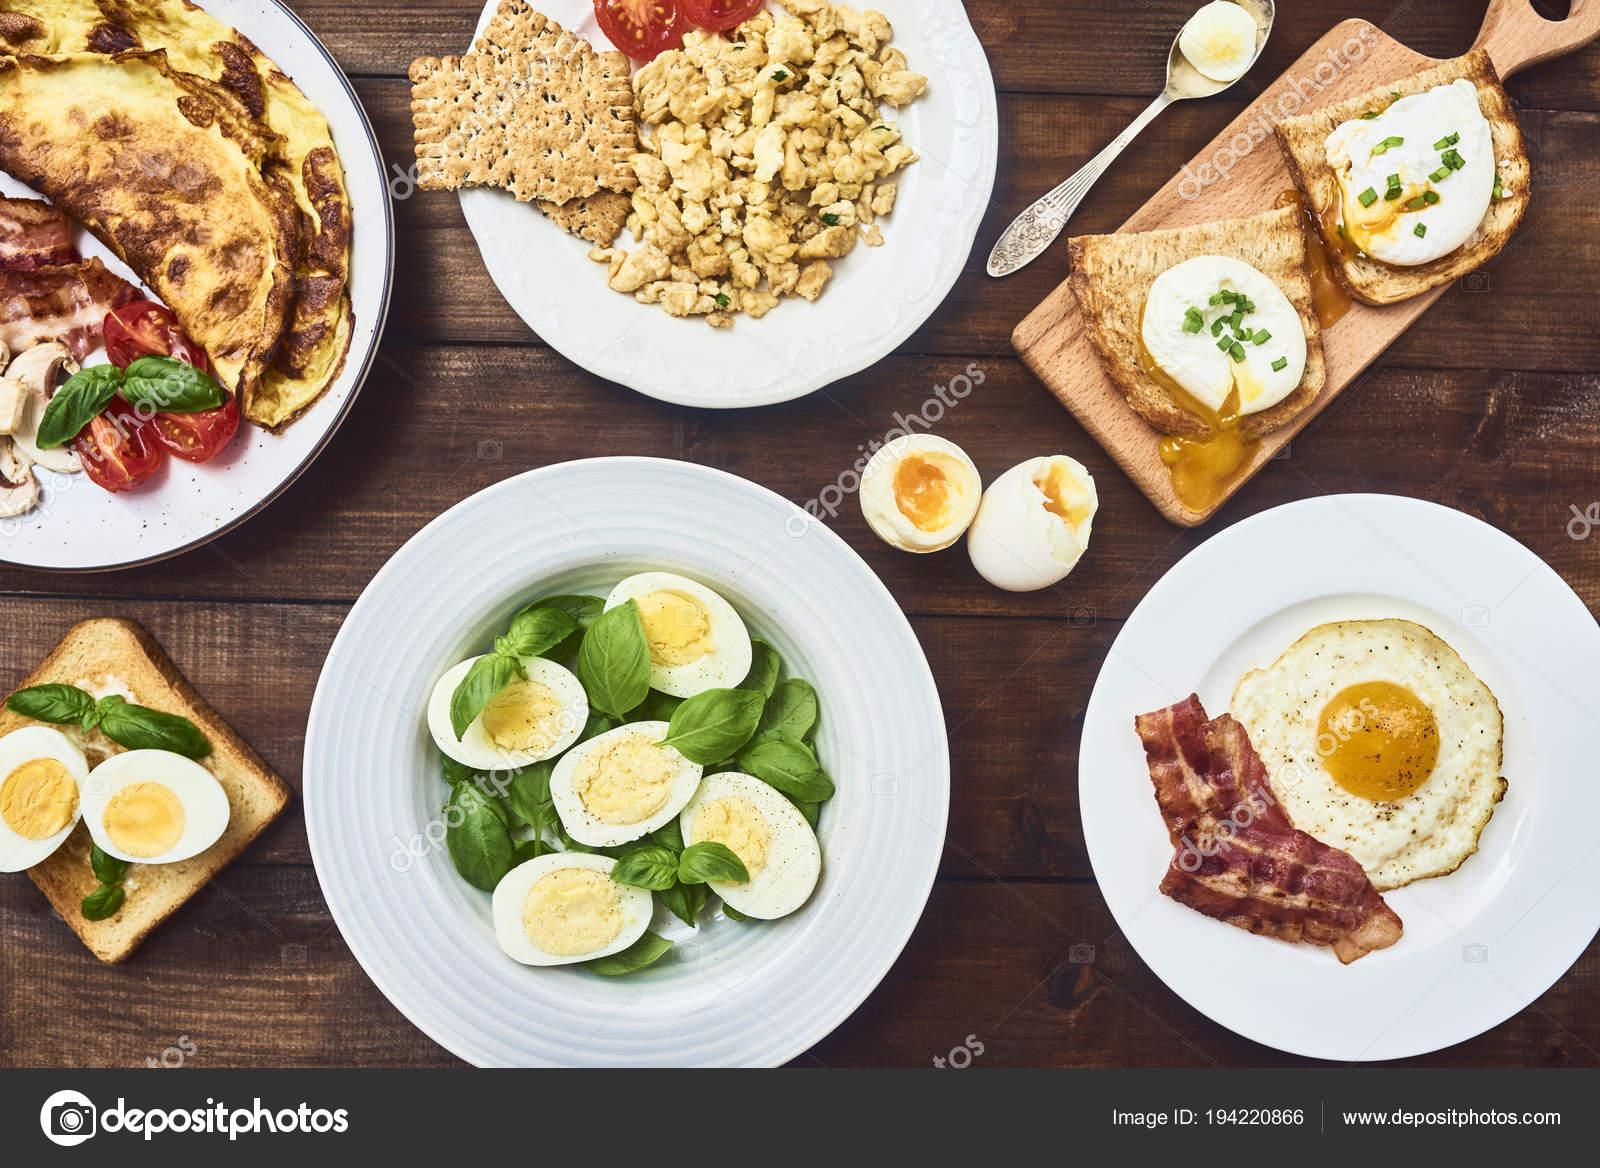 Formas De Cocinar Huevos   Diferentes Formas Cocinar Huevos Gallina Tortilla Escalfado Pasados